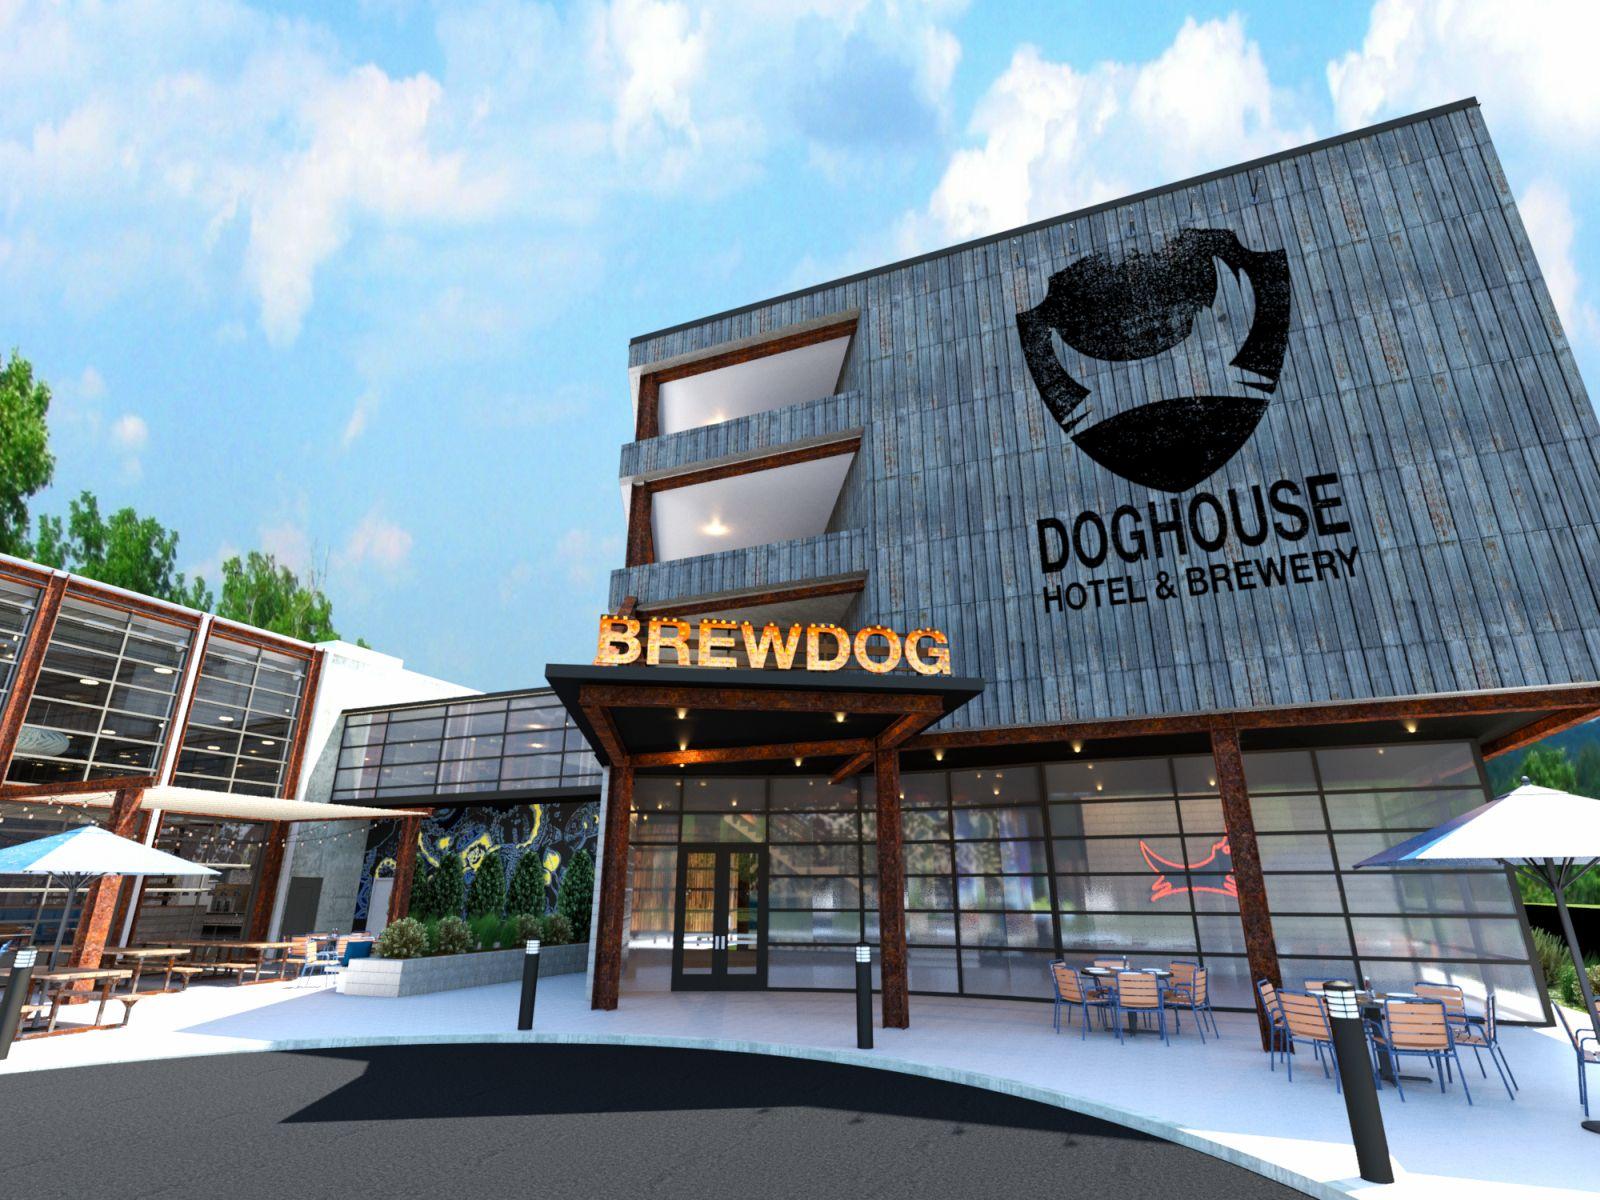 Für viele ist Bier ein wahrer Genuss. Für diese Menschen bietet das weltweit erste Bierhotel in Ohio ein unvergessliches Erlebnis, in dem selbstredend Bier die Hauptrolle spielt. Foto: www.brewdog.com